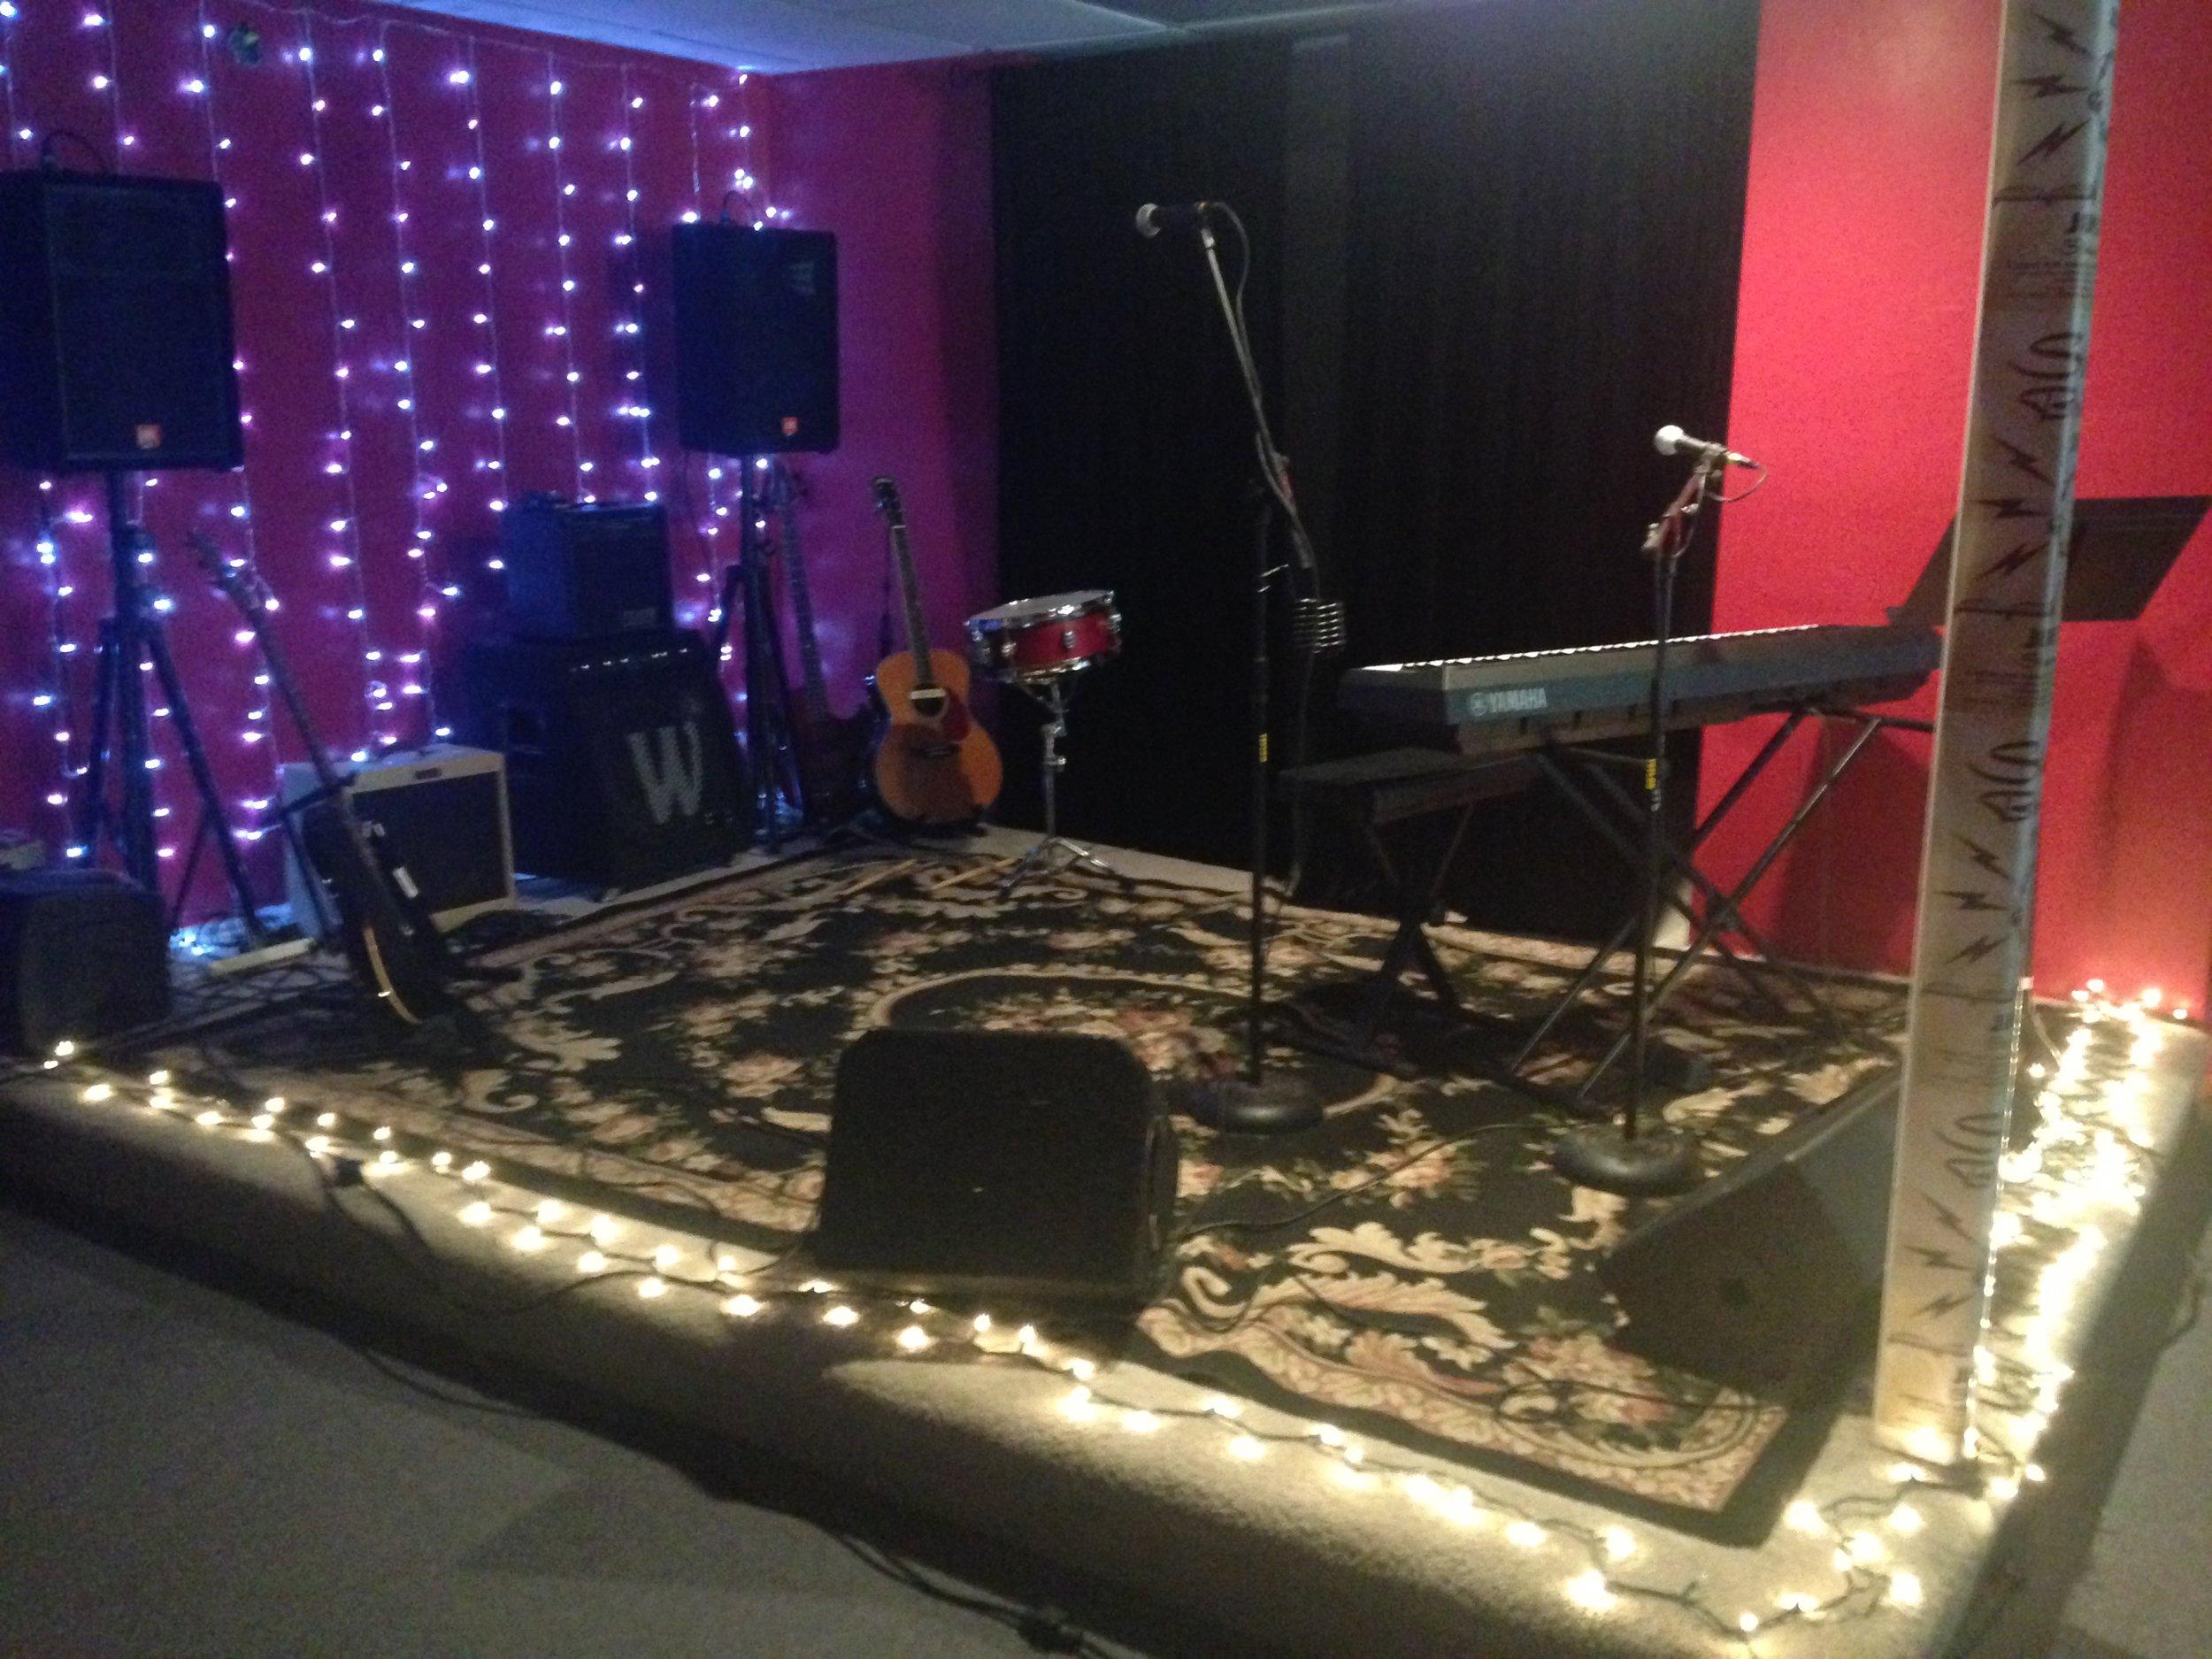 The Tambourine Lounge